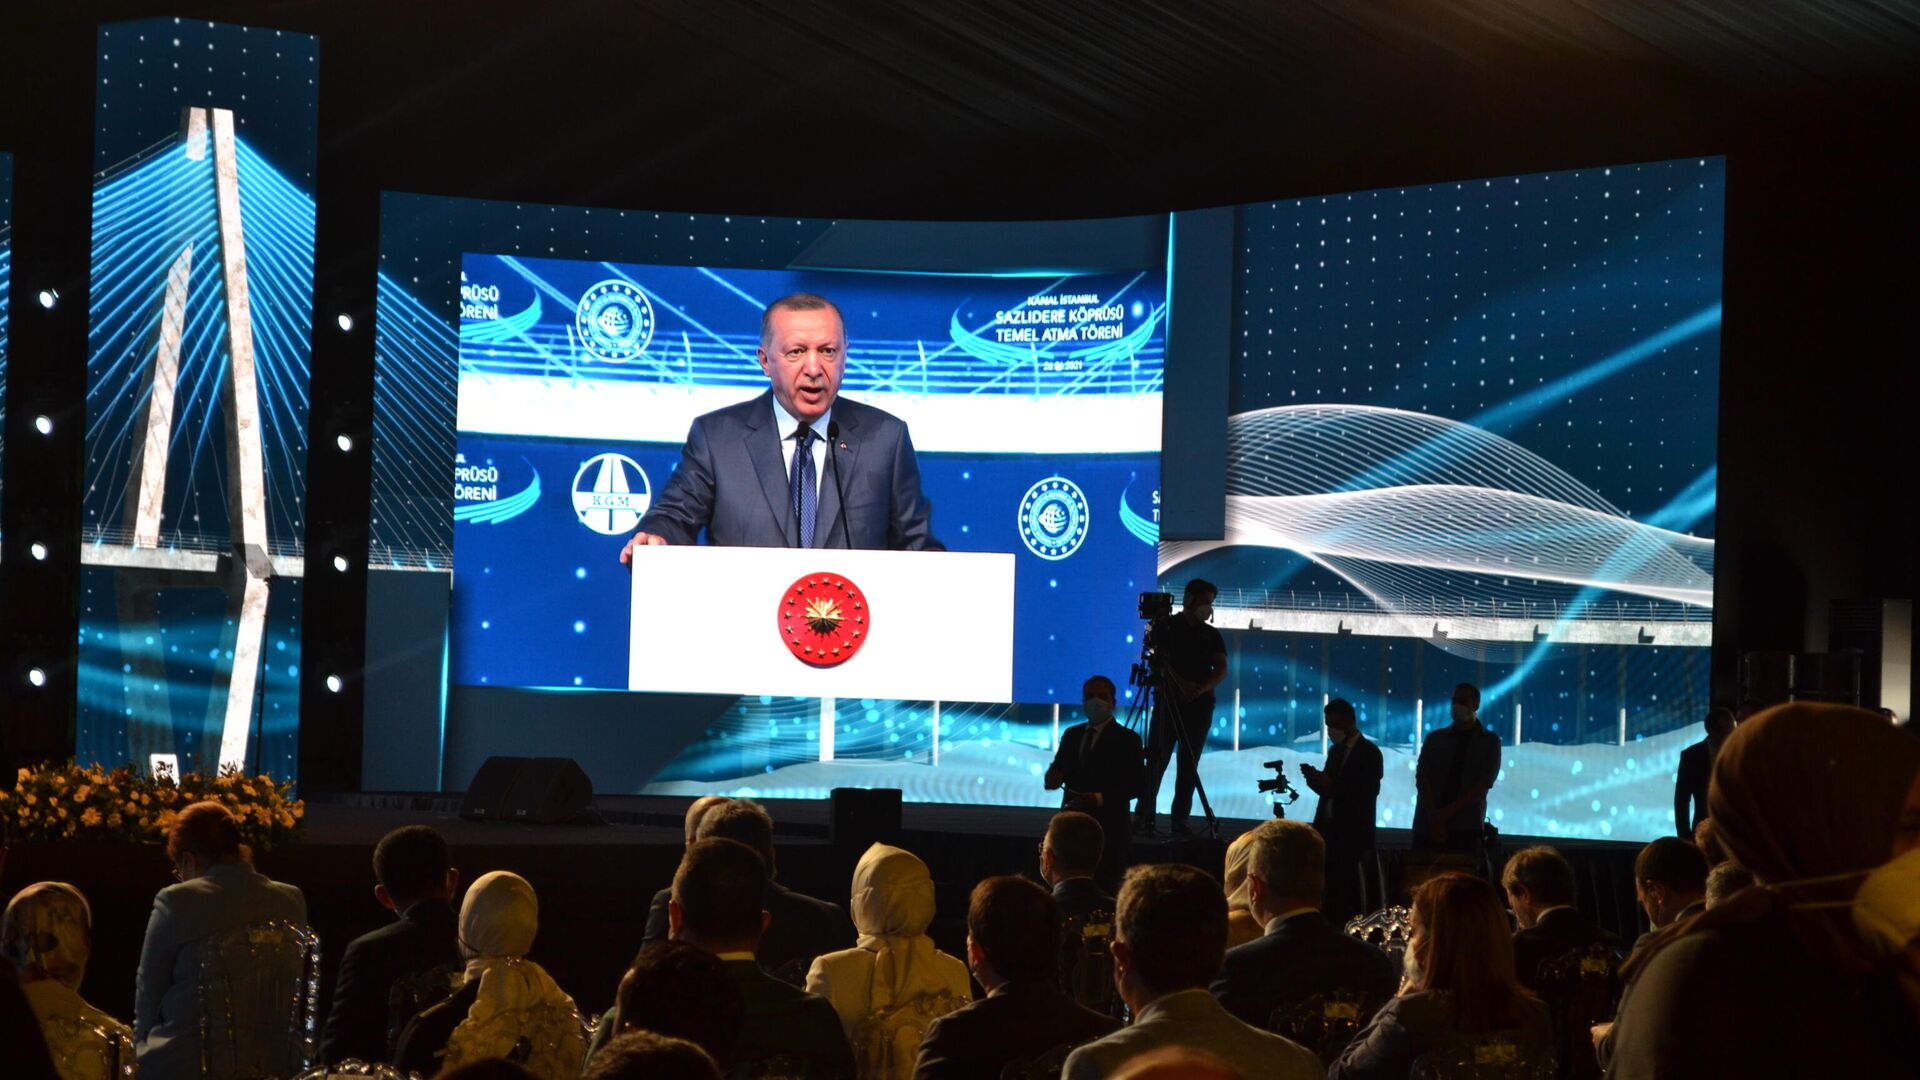 Erdogan da por iniciada la construcción del canal de Estambul - Sputnik Mundo, 1920, 26.06.2021